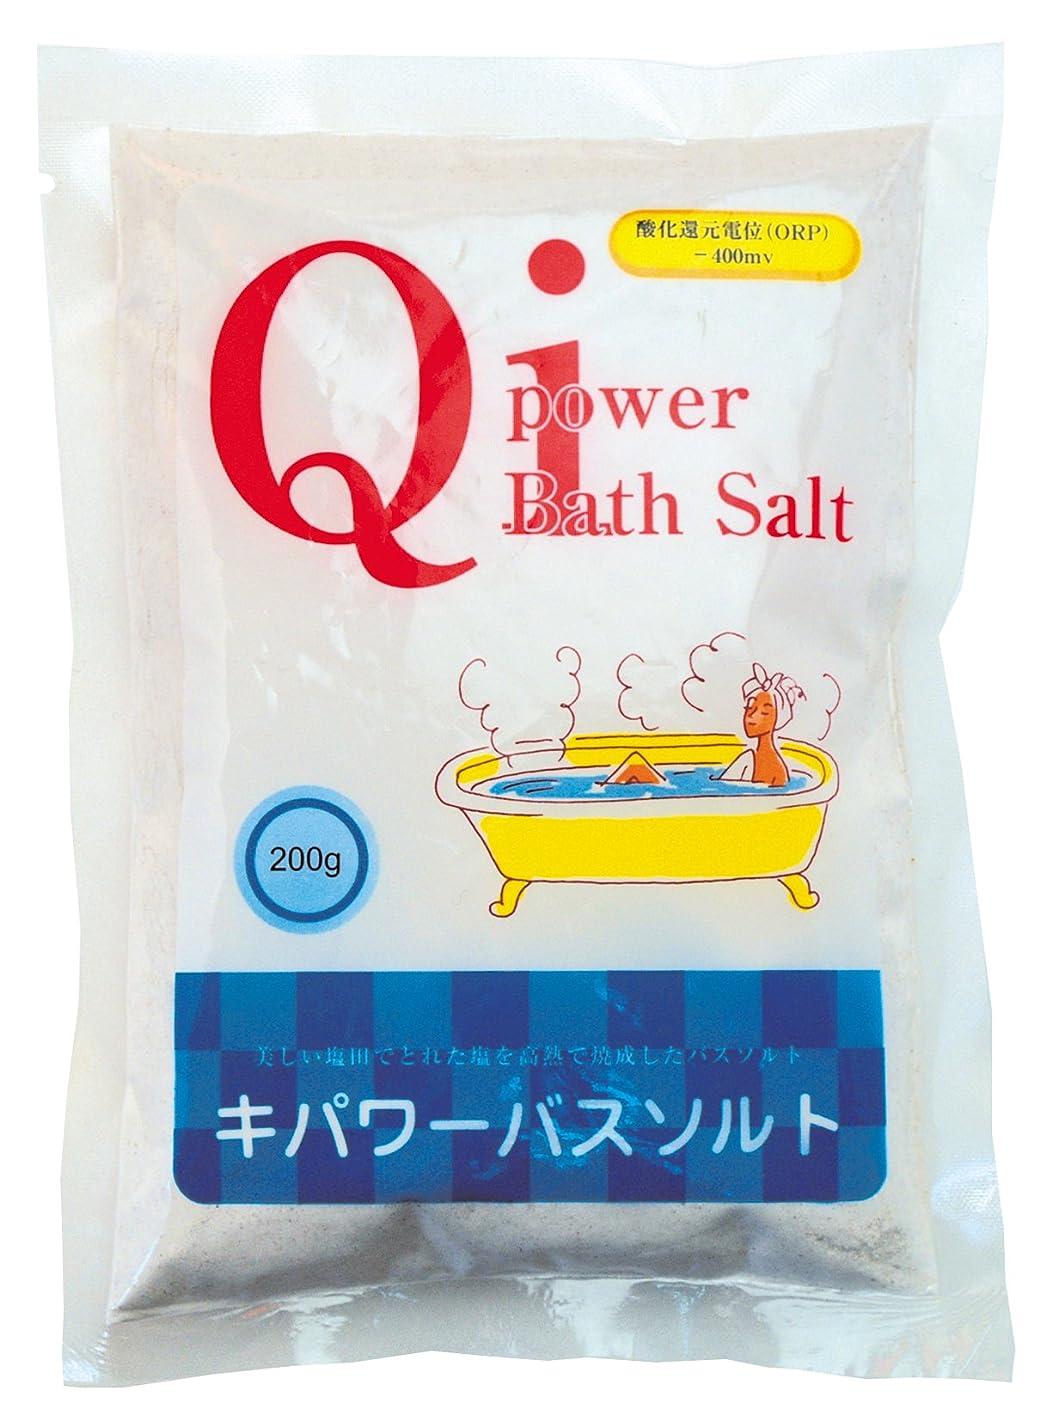 苦行高架変更可能キパワー 天日塩を独自高温焼成 キパワーバスソルト 200g 36セット